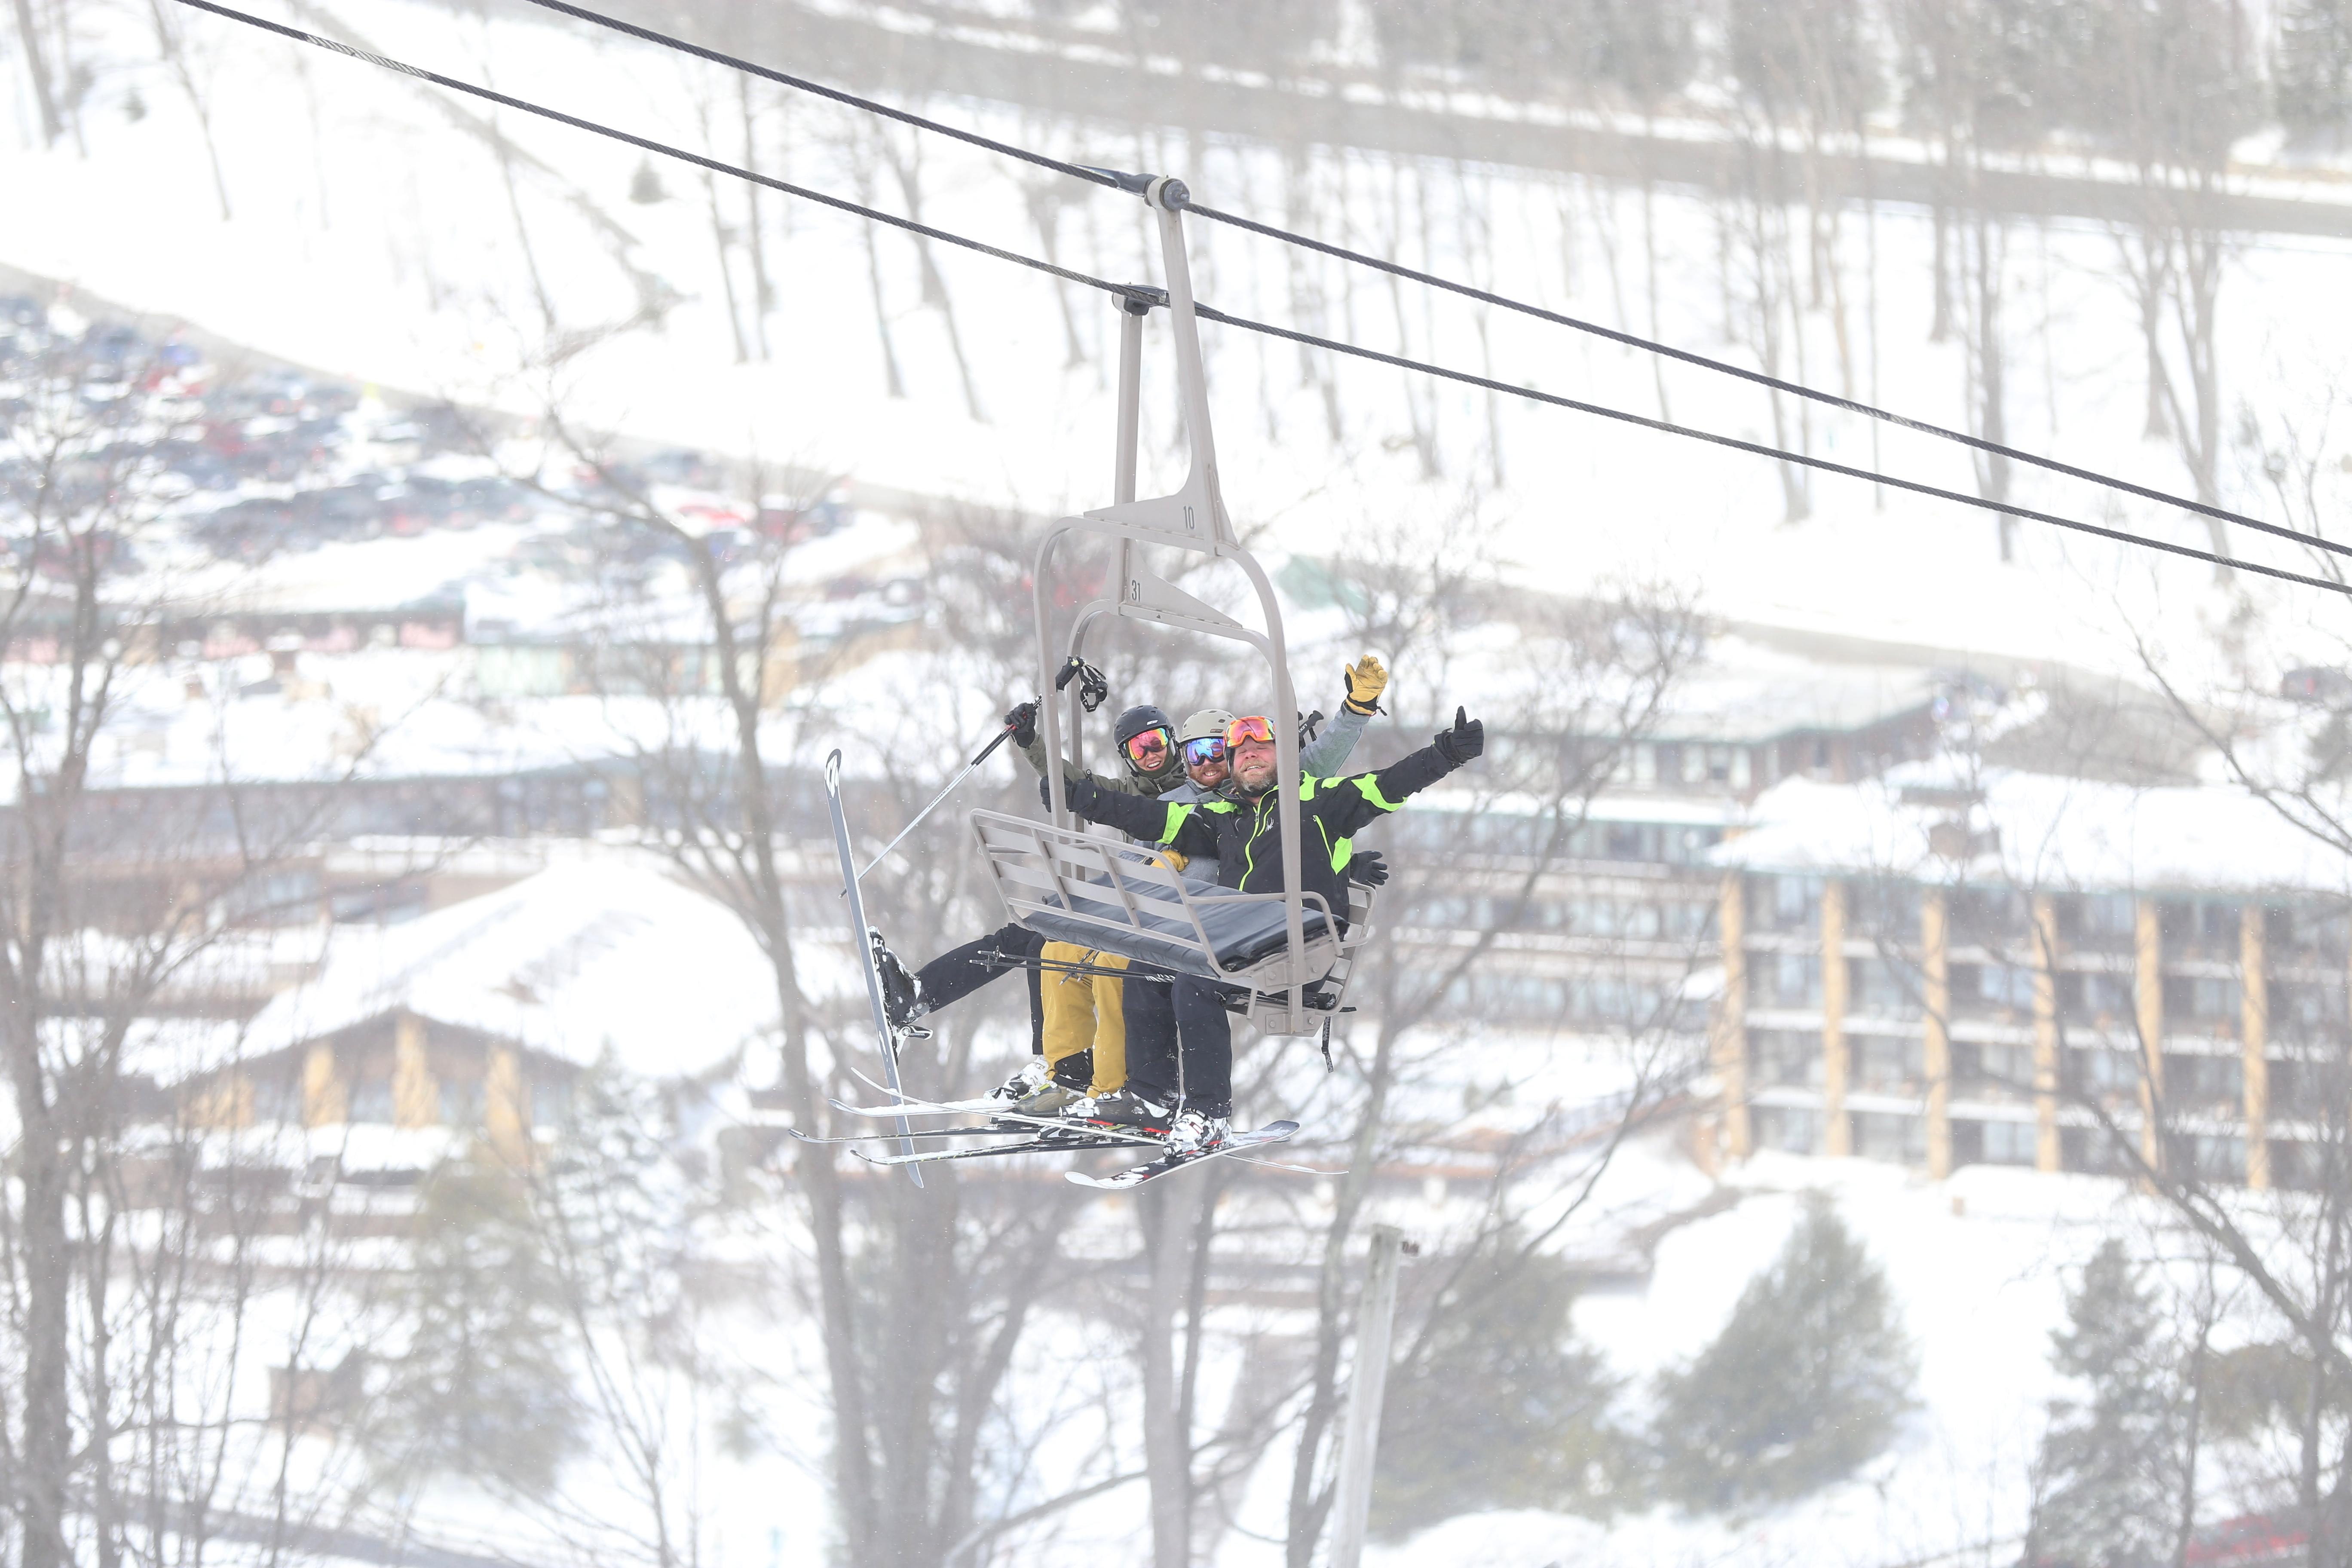 winter ski resorts in laurel highlands | resorts & lodges